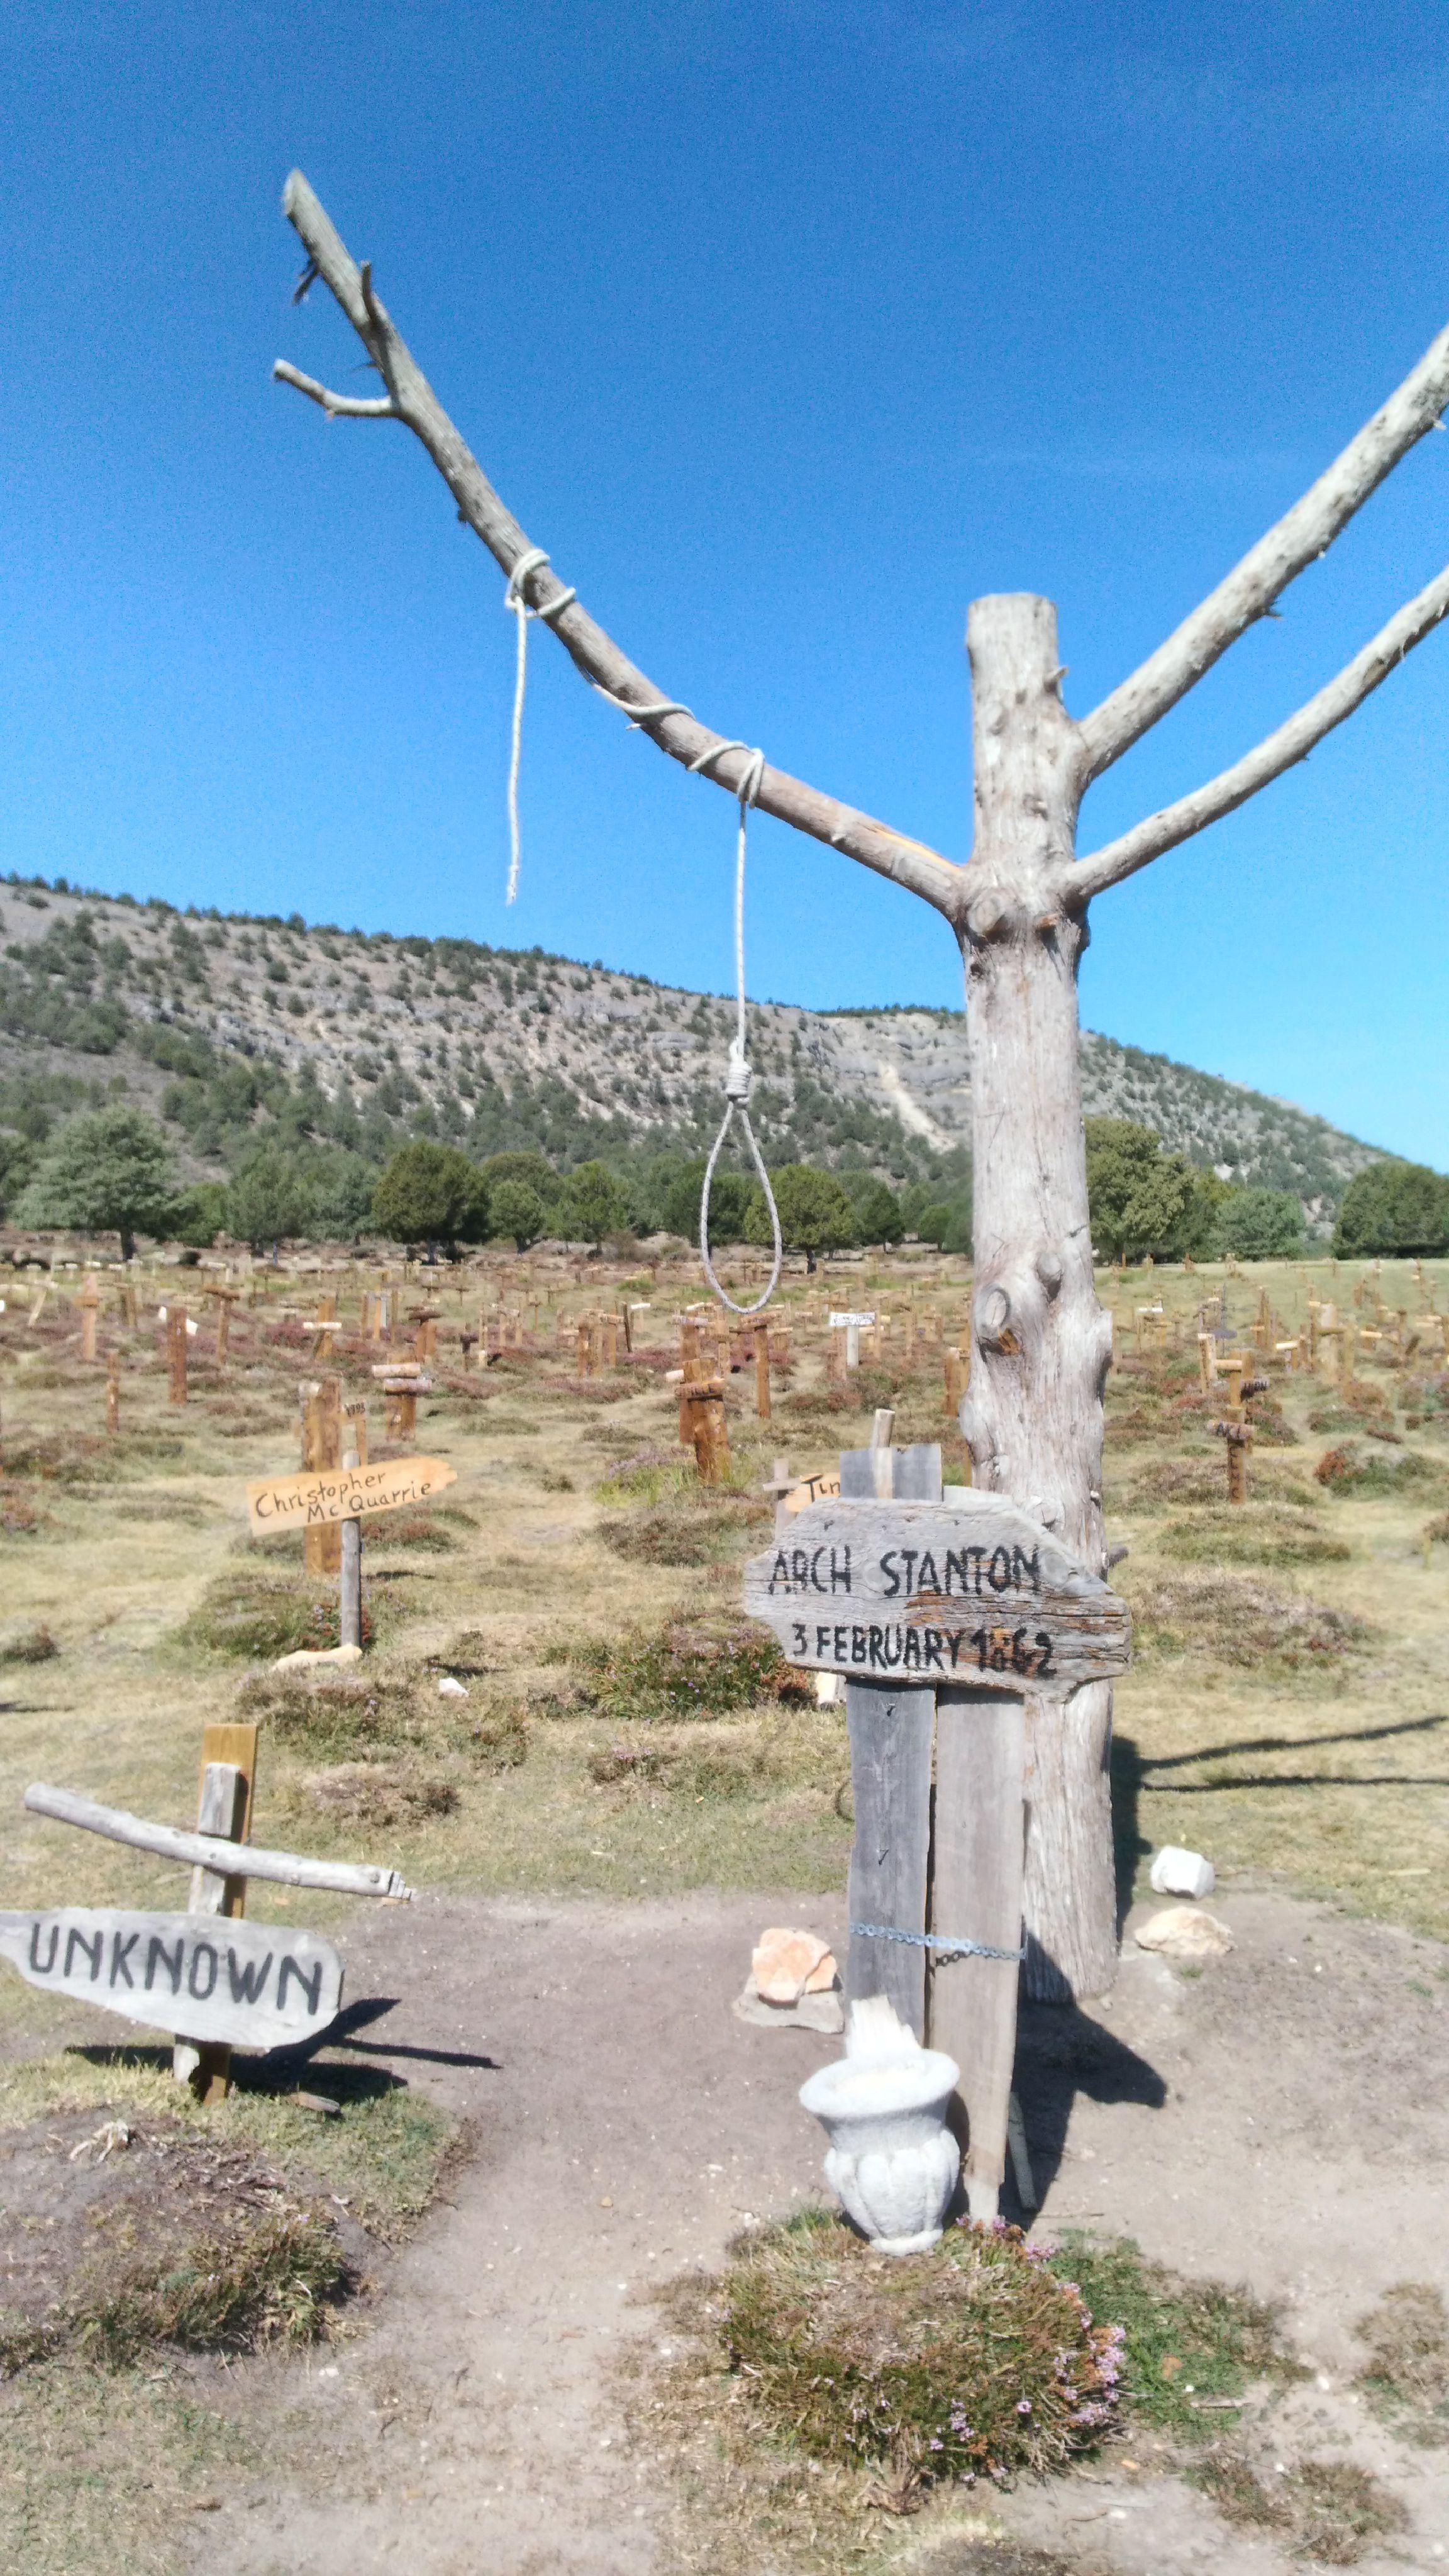 Arch Stanton'ın Mezarı ve darağacı